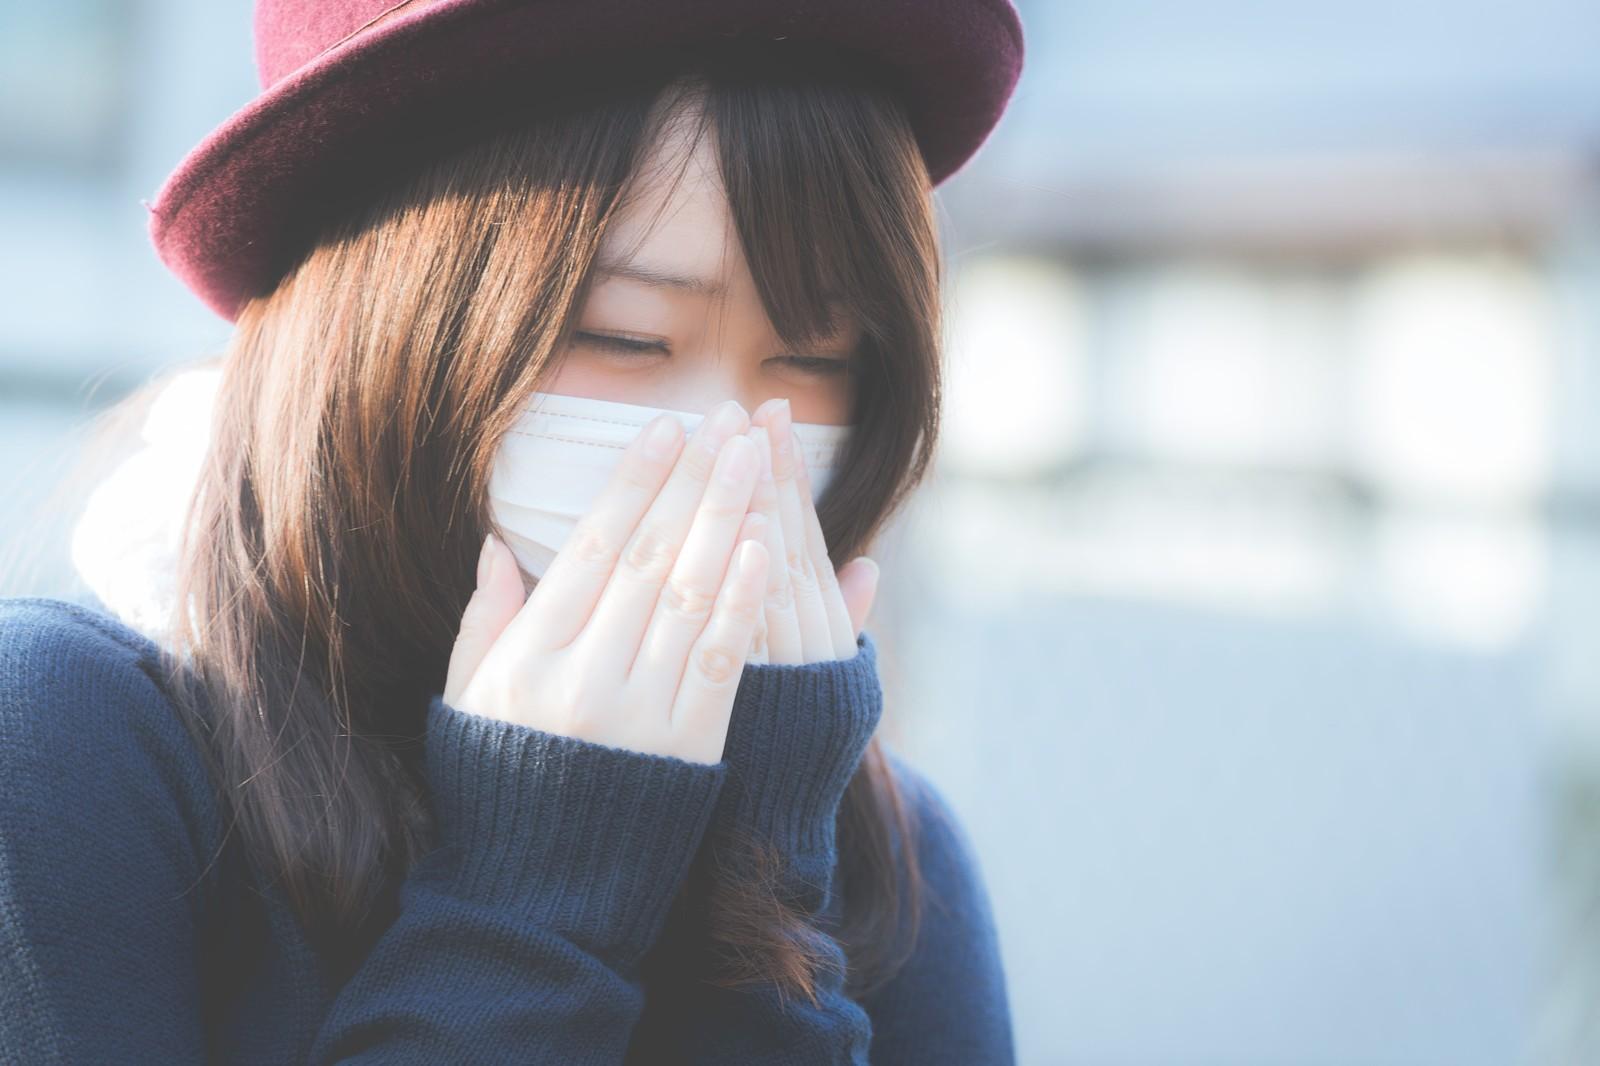 【健康 新型コロナウイルス】マスクをつける本当の意味をあなたは知っていますか?